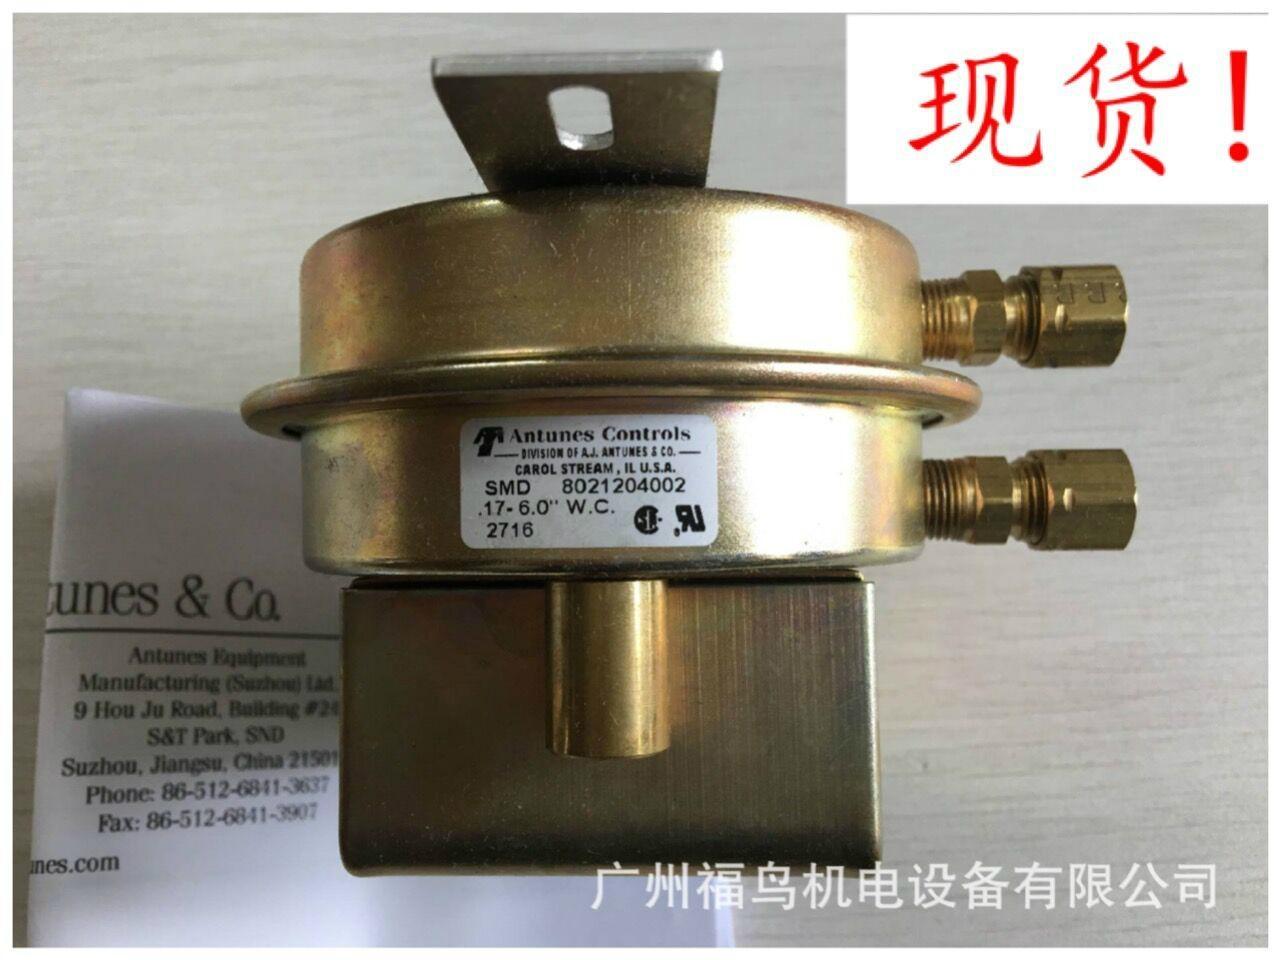 ANTUNES CONTROLS壓力開關,型號: SMD(8021204002)